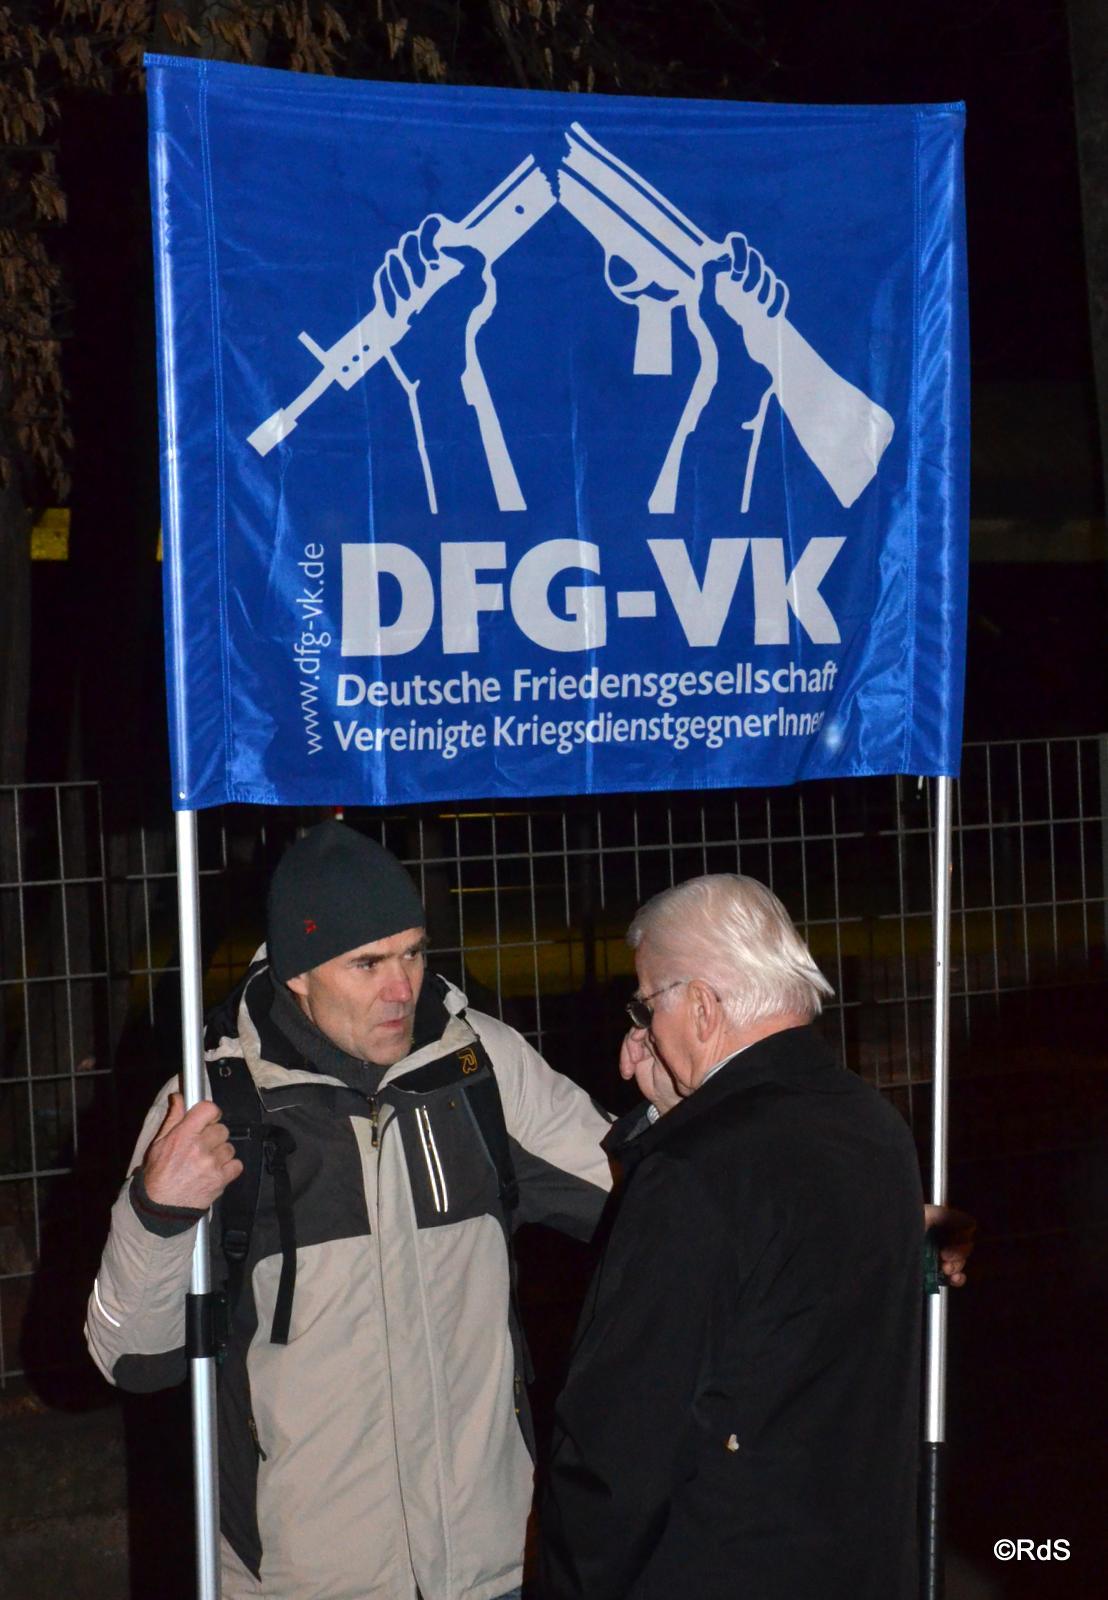 01.12.2016 Deutsche Friedensgesellschaft, DFG-VK